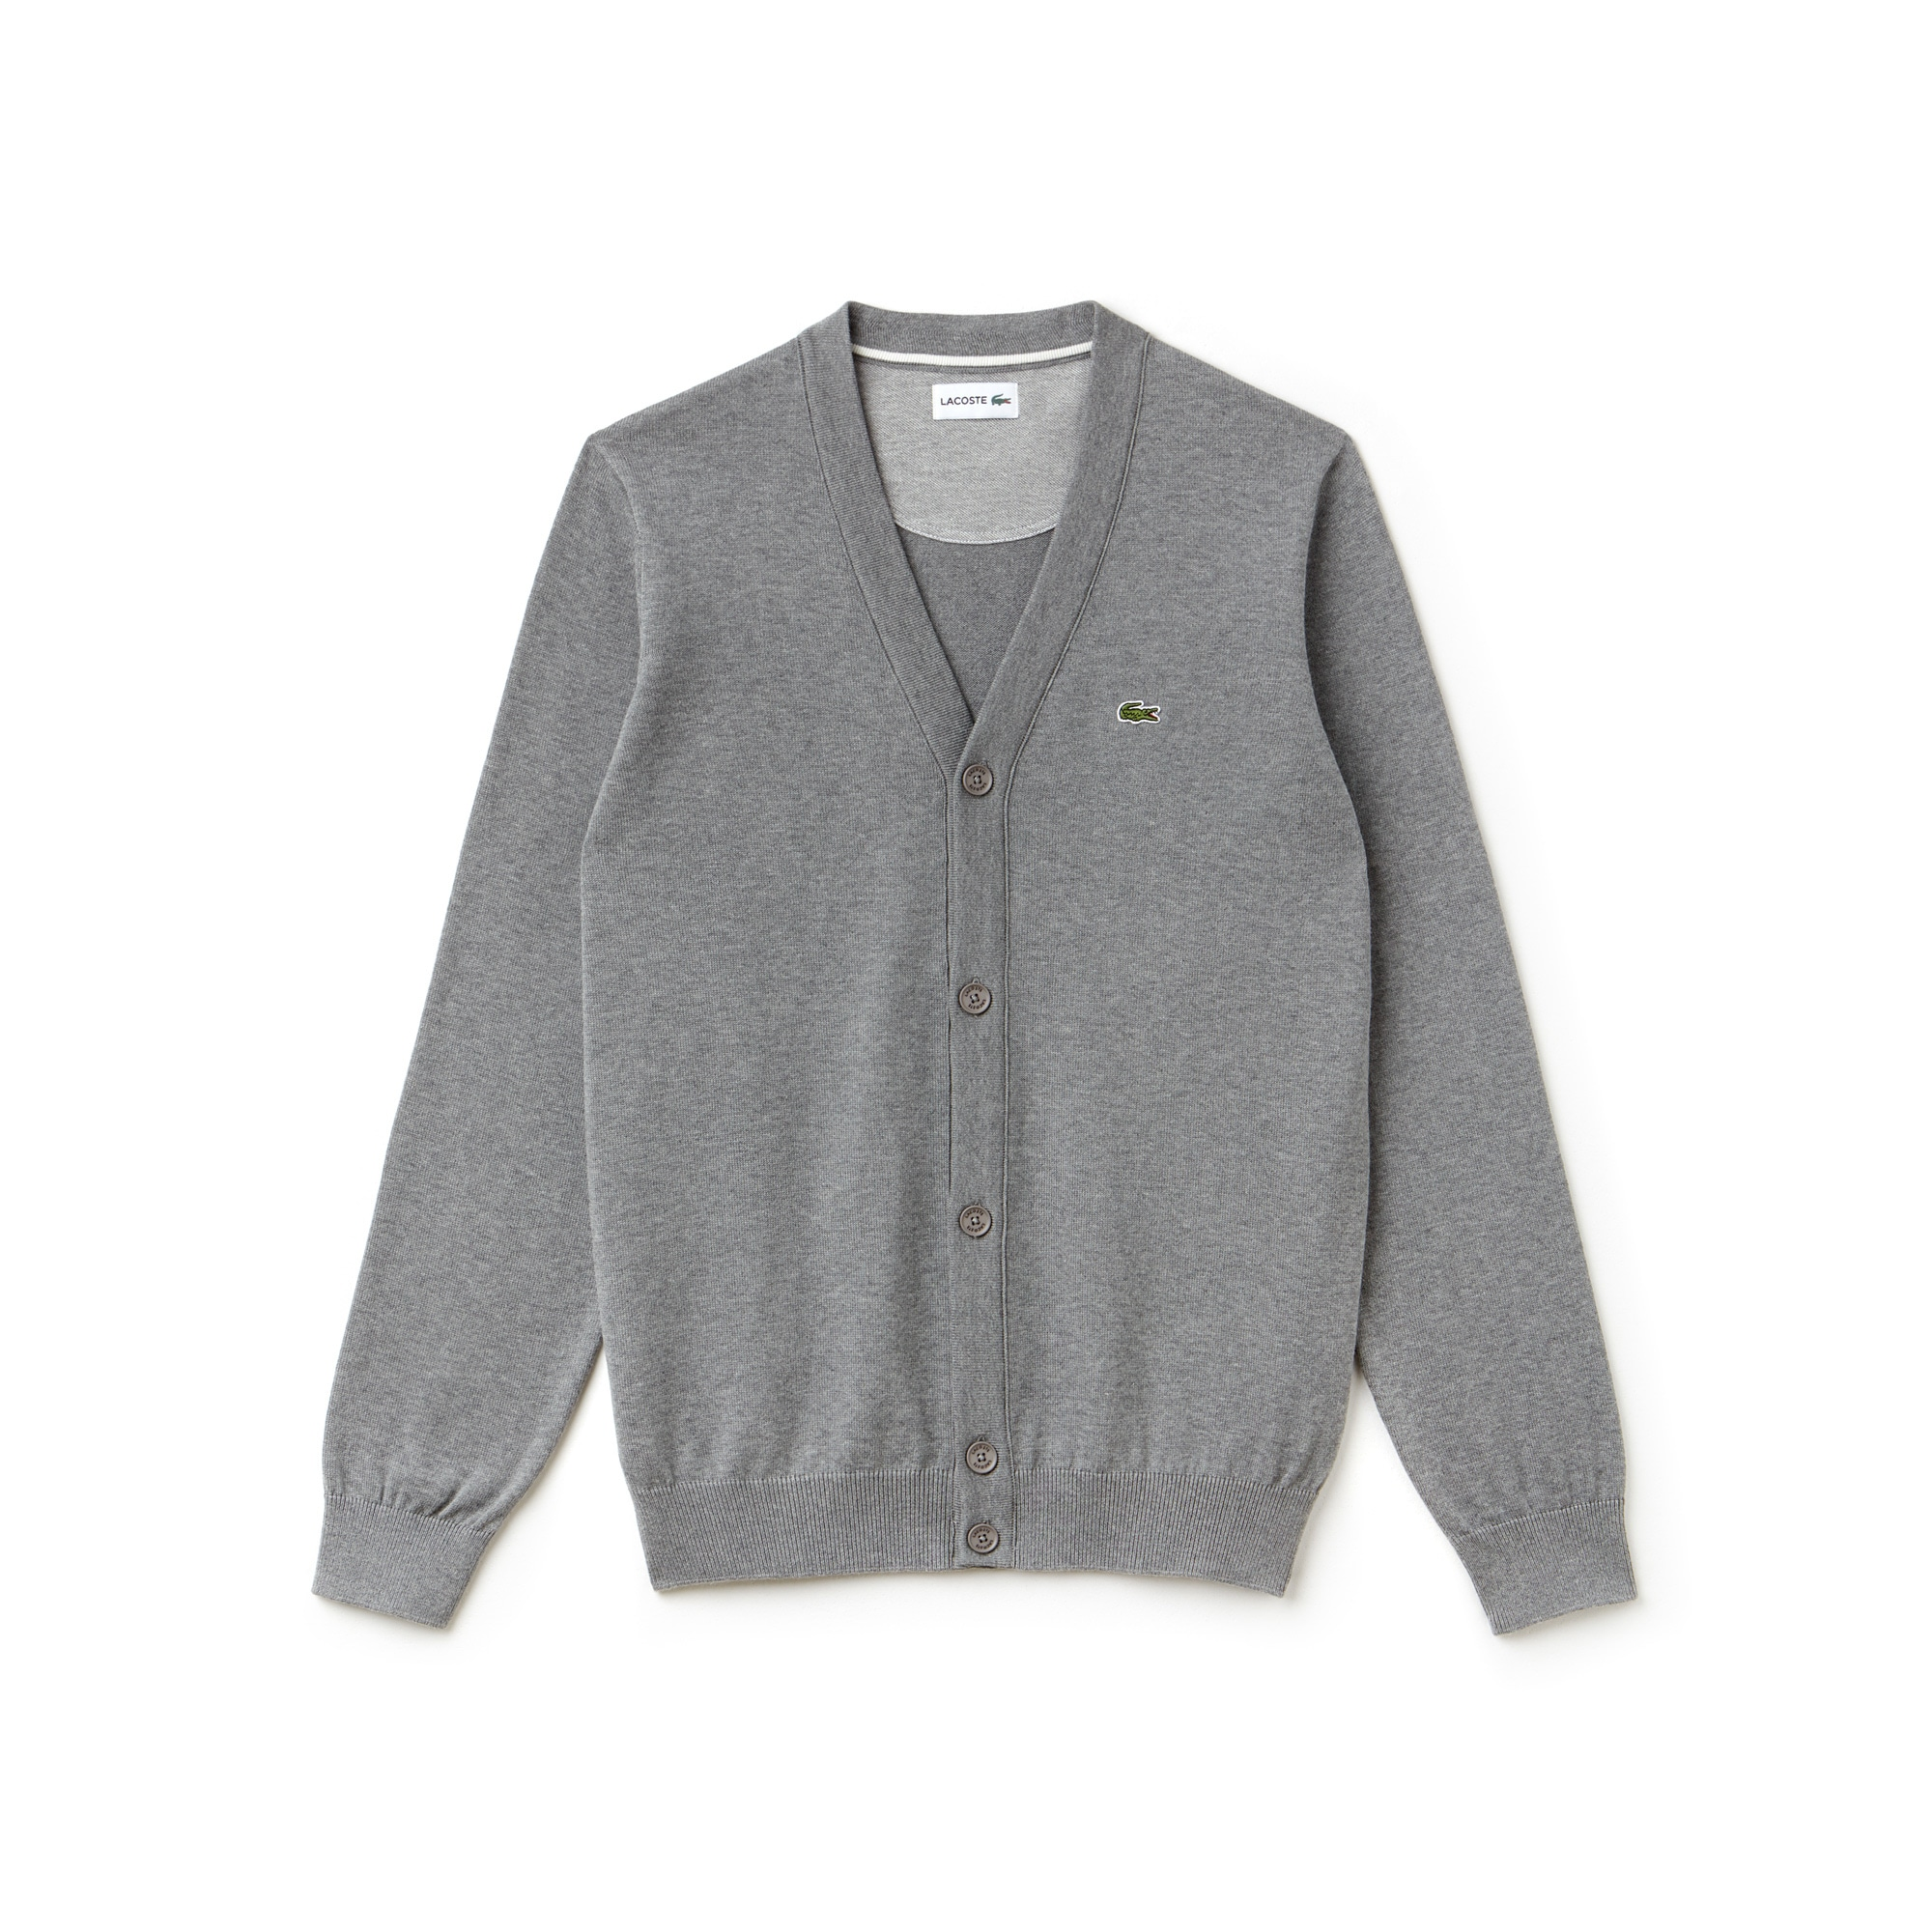 Casaco de malha em jersey de algodão unicolor